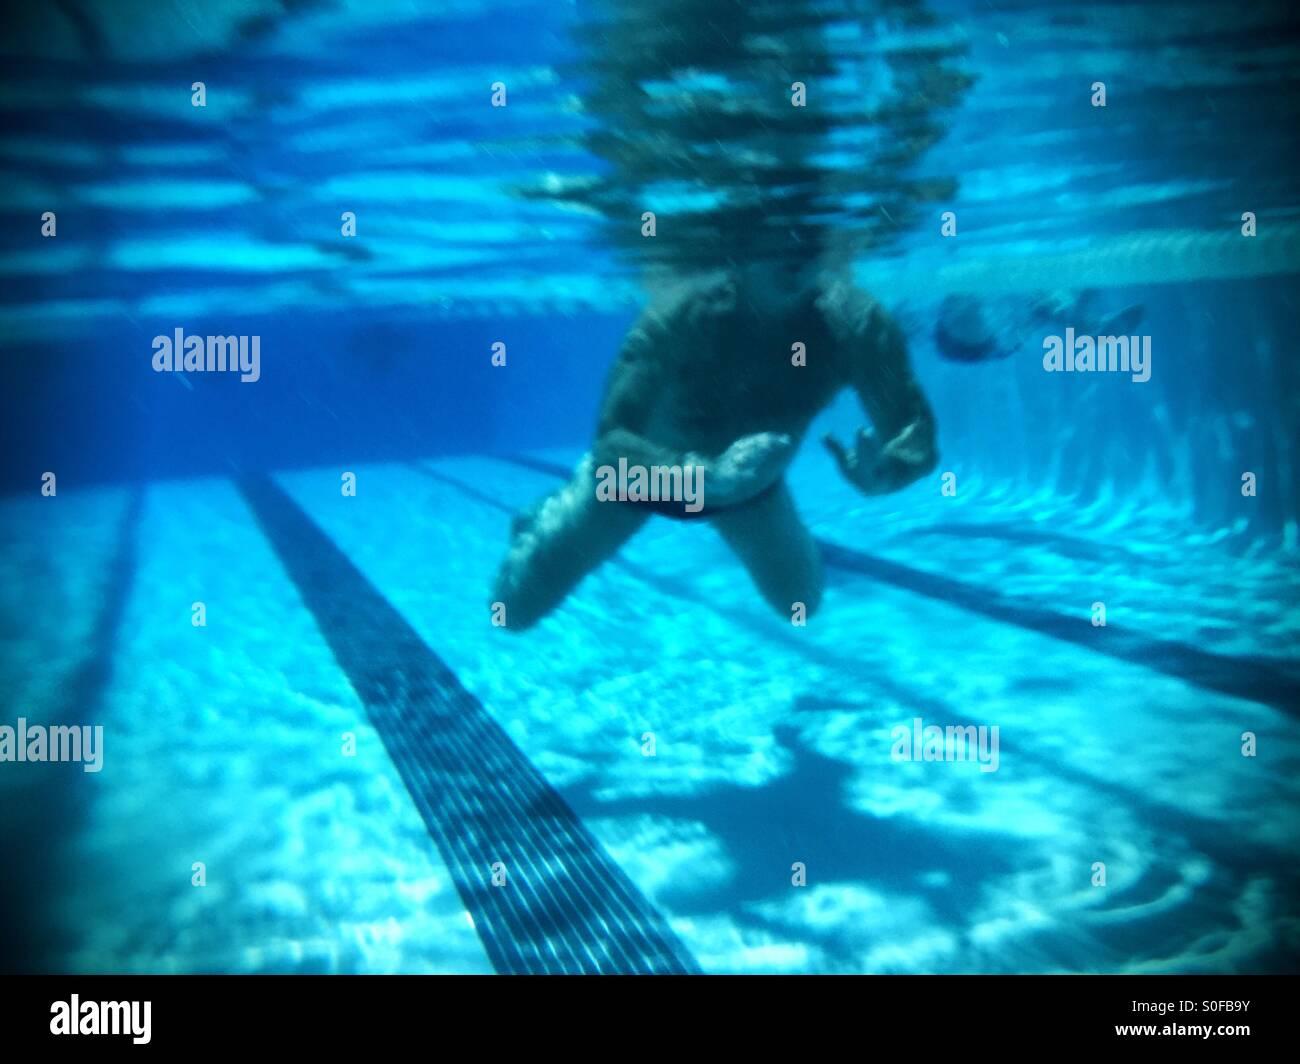 Nuotatore nuoto a rana vista subacquea con ombra acquosa, riflessioni. Immagini Stock